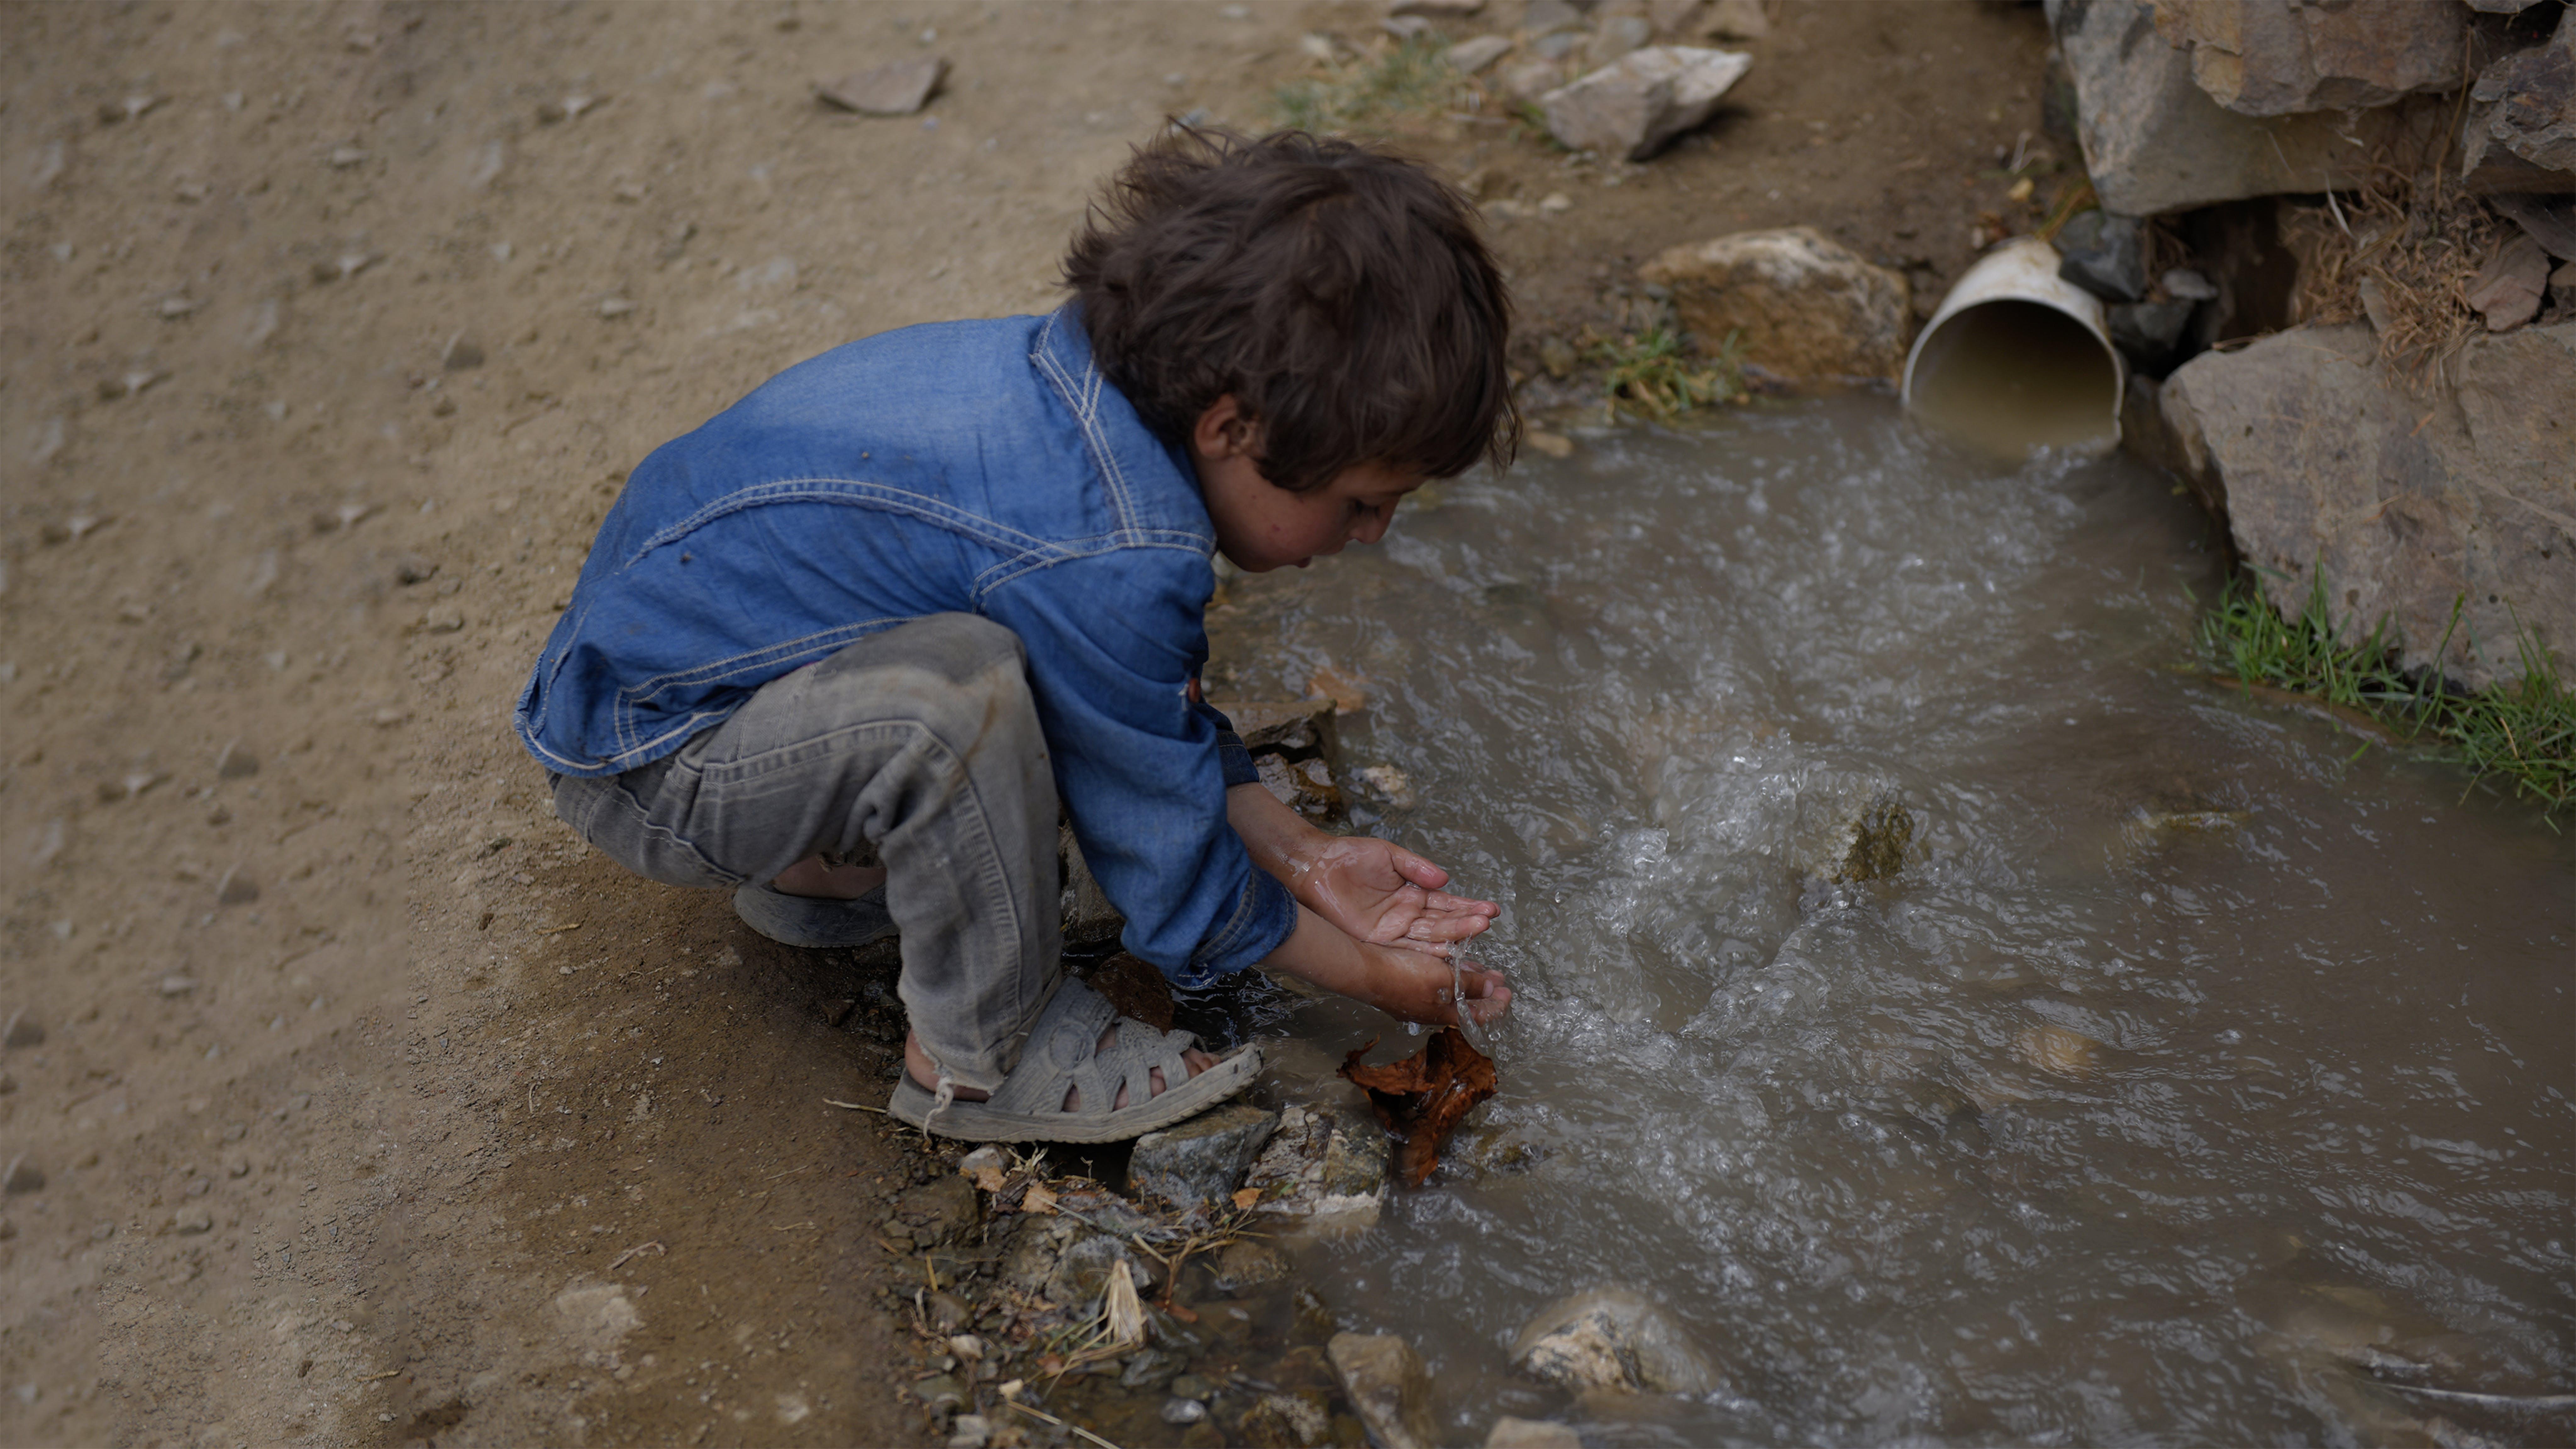 Un bambino si lava le mani con acqua non trattata proveniente da un tubo di fognatura nel governatorato di Amran, Yemen,